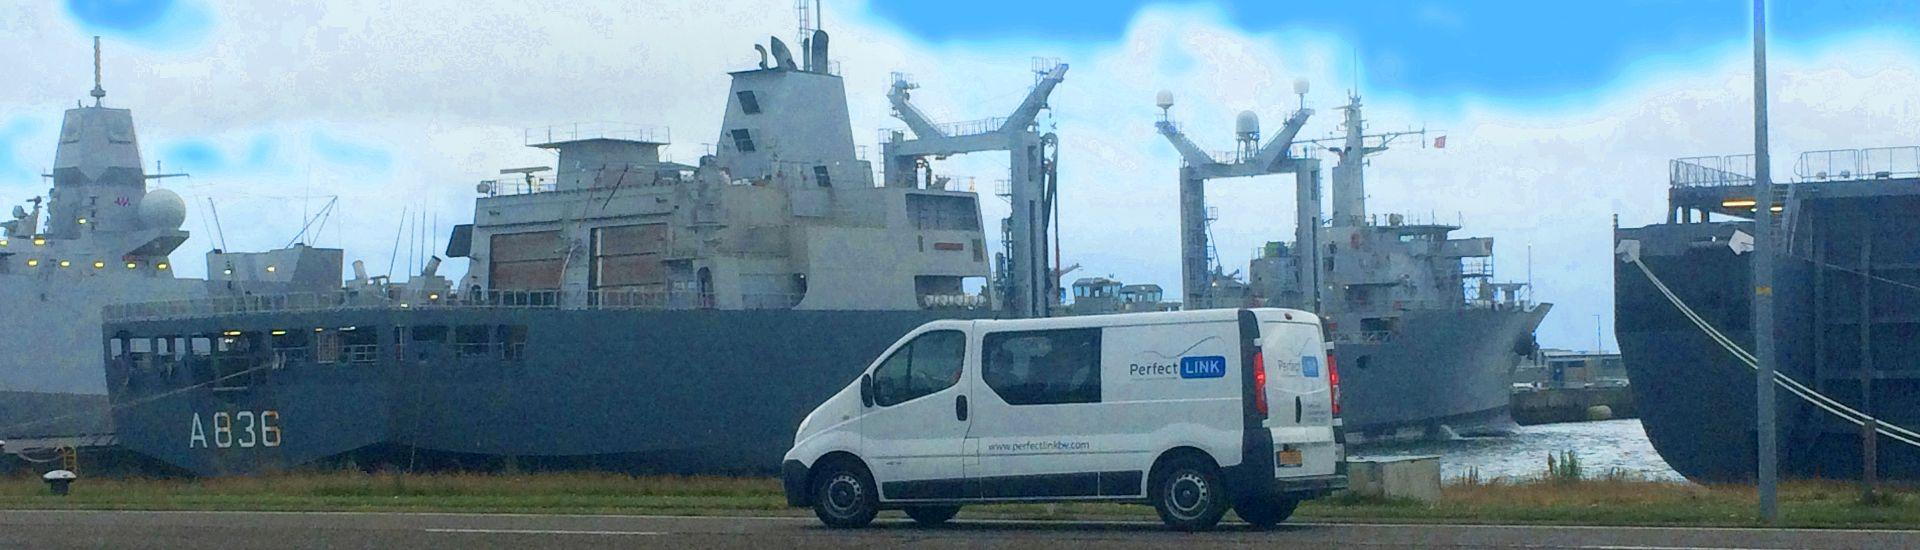 Ook voor de maritieme sector is Perfectlink de juiste partner